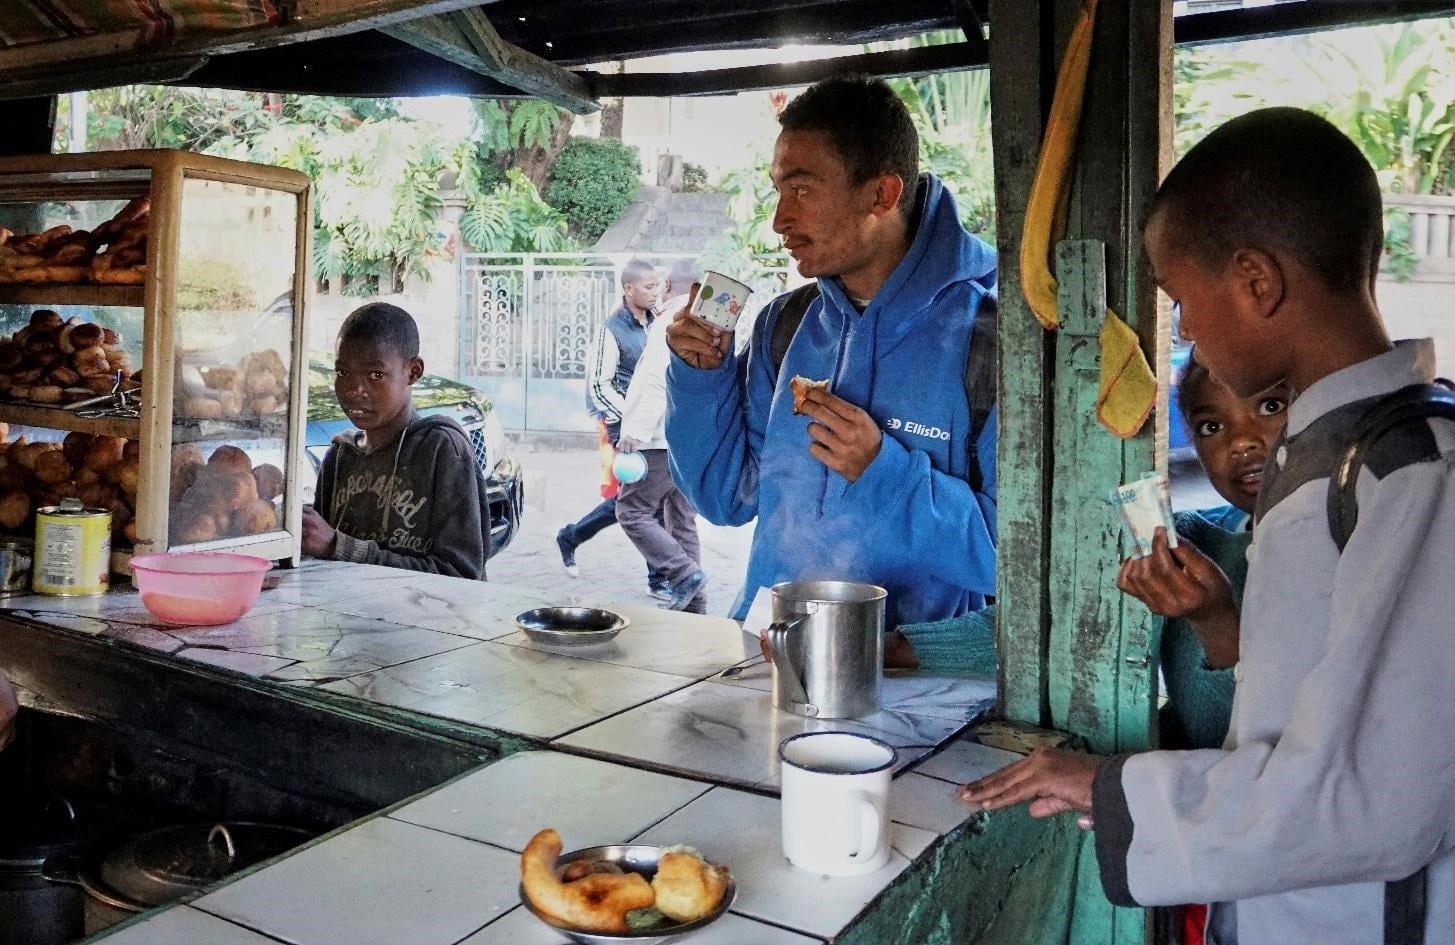 Coffee and street food